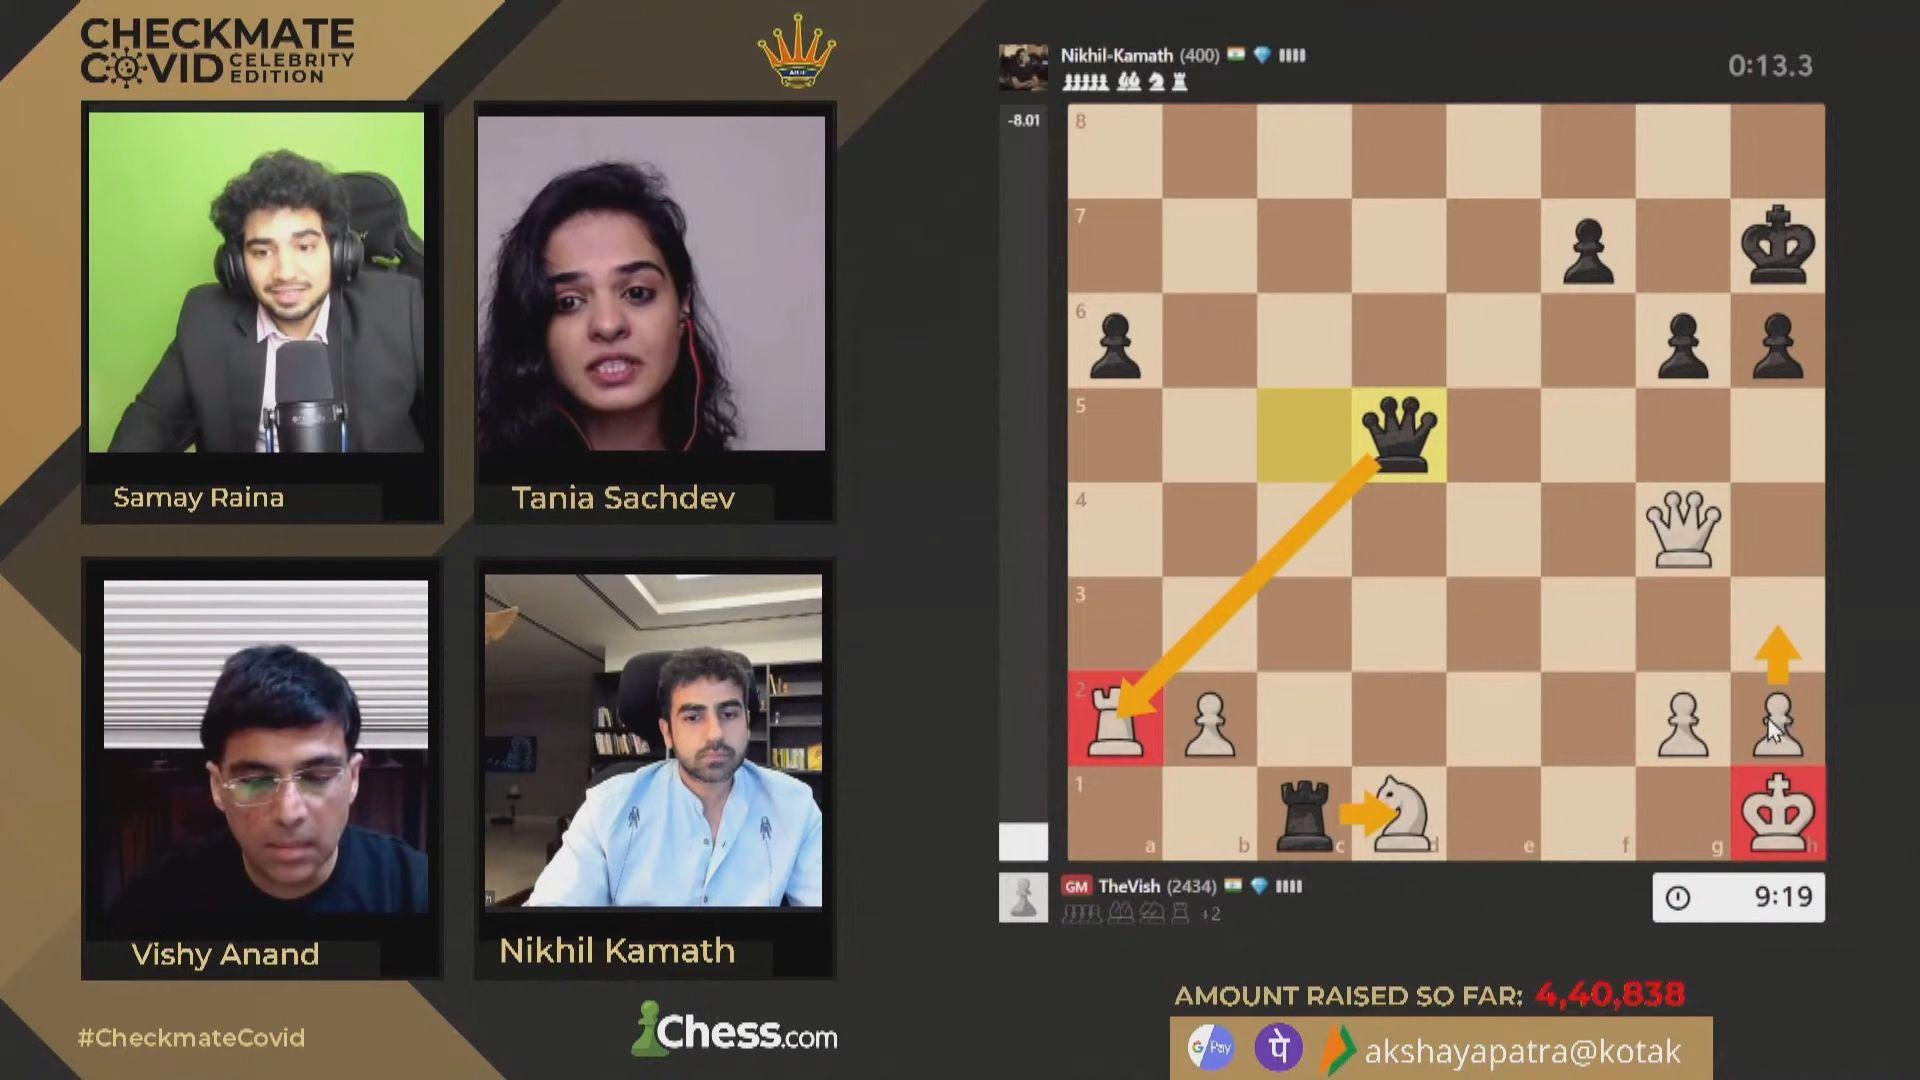 【環球薈報】五屆國際象棋世界冠軍吃敗仗 對手認作弊